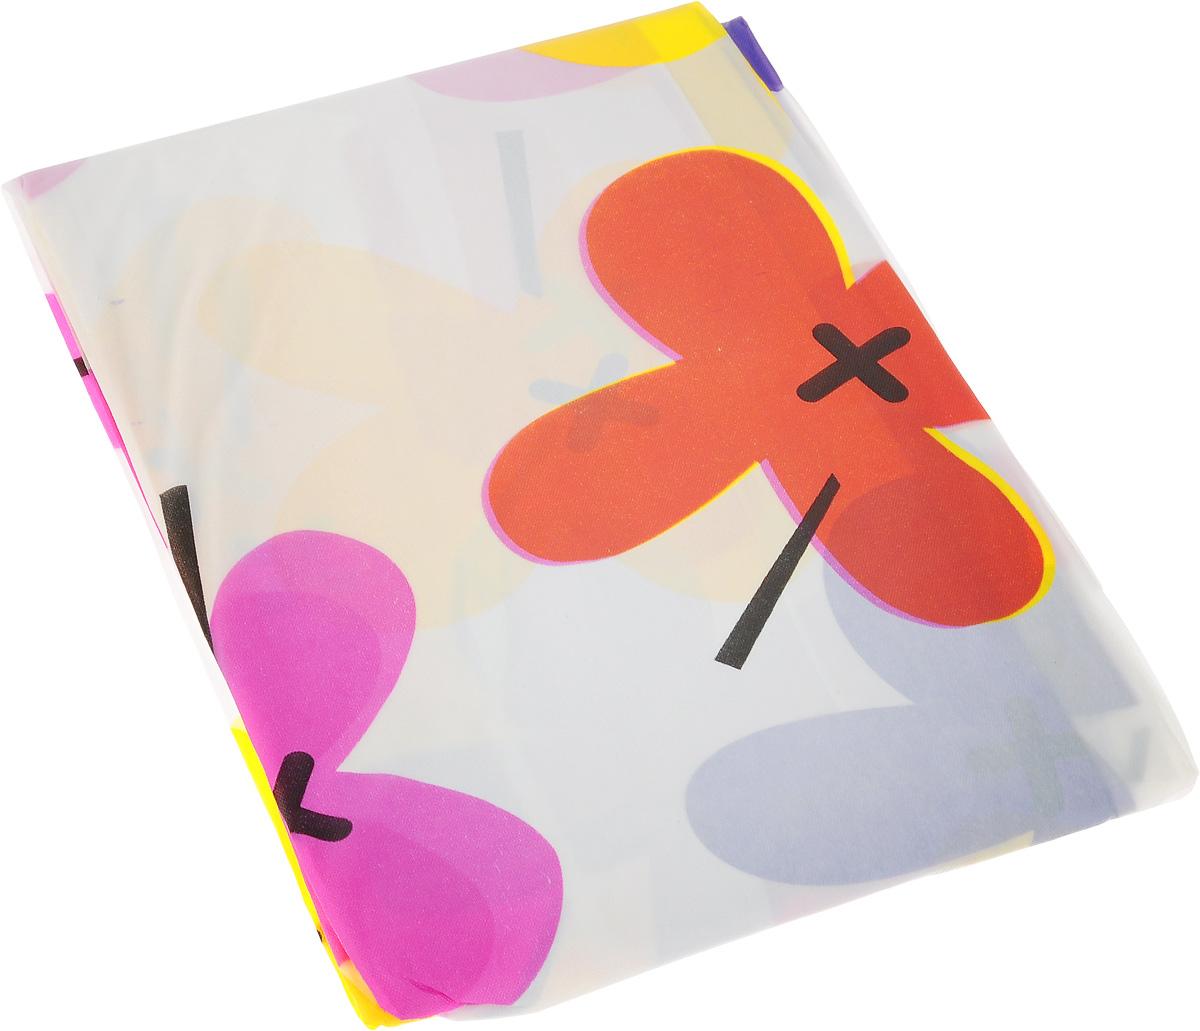 Скатерть Хозяюшка Мила, квадратная, цвет: сиреневый, фиолетовый, желтый, 180 х 180 смVT-1520(SR)Великолепная скатерть Хозяюшка Мила, выполненная из полиэтилена, органично впишется в интерьер любого помещения, а оригинальный дизайн удовлетворит даже самый изысканный вкус. Изделие украшено изображением цветов. Скатерть водонепроницаема. Подходит как для повседневной, так и для праздничной сервировки стола. В современном мире кухня - это не просто помещение для приготовления и приема пищи, это особое место, где собирается вся семья и царит душевная атмосфера. Кухня - душа вашего дома, поэтому важно создать в ней атмосферу уюта.